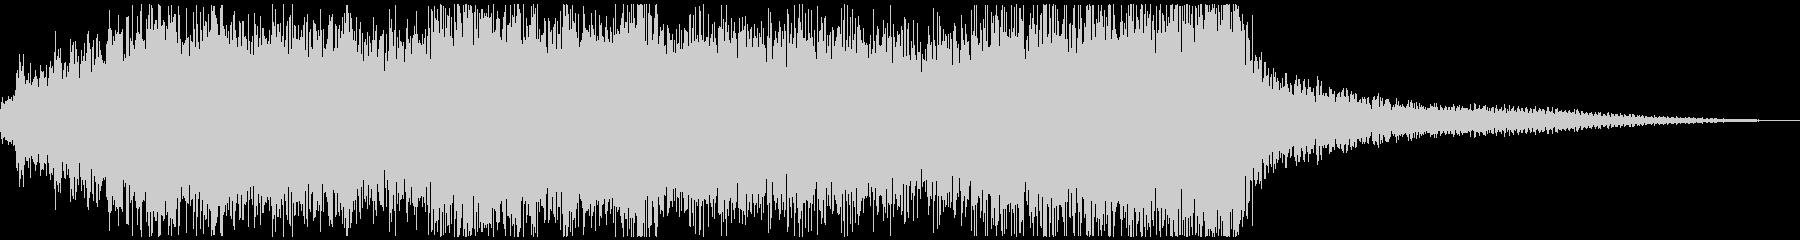 派手で煌びやかなキレのあるファンファーレの未再生の波形